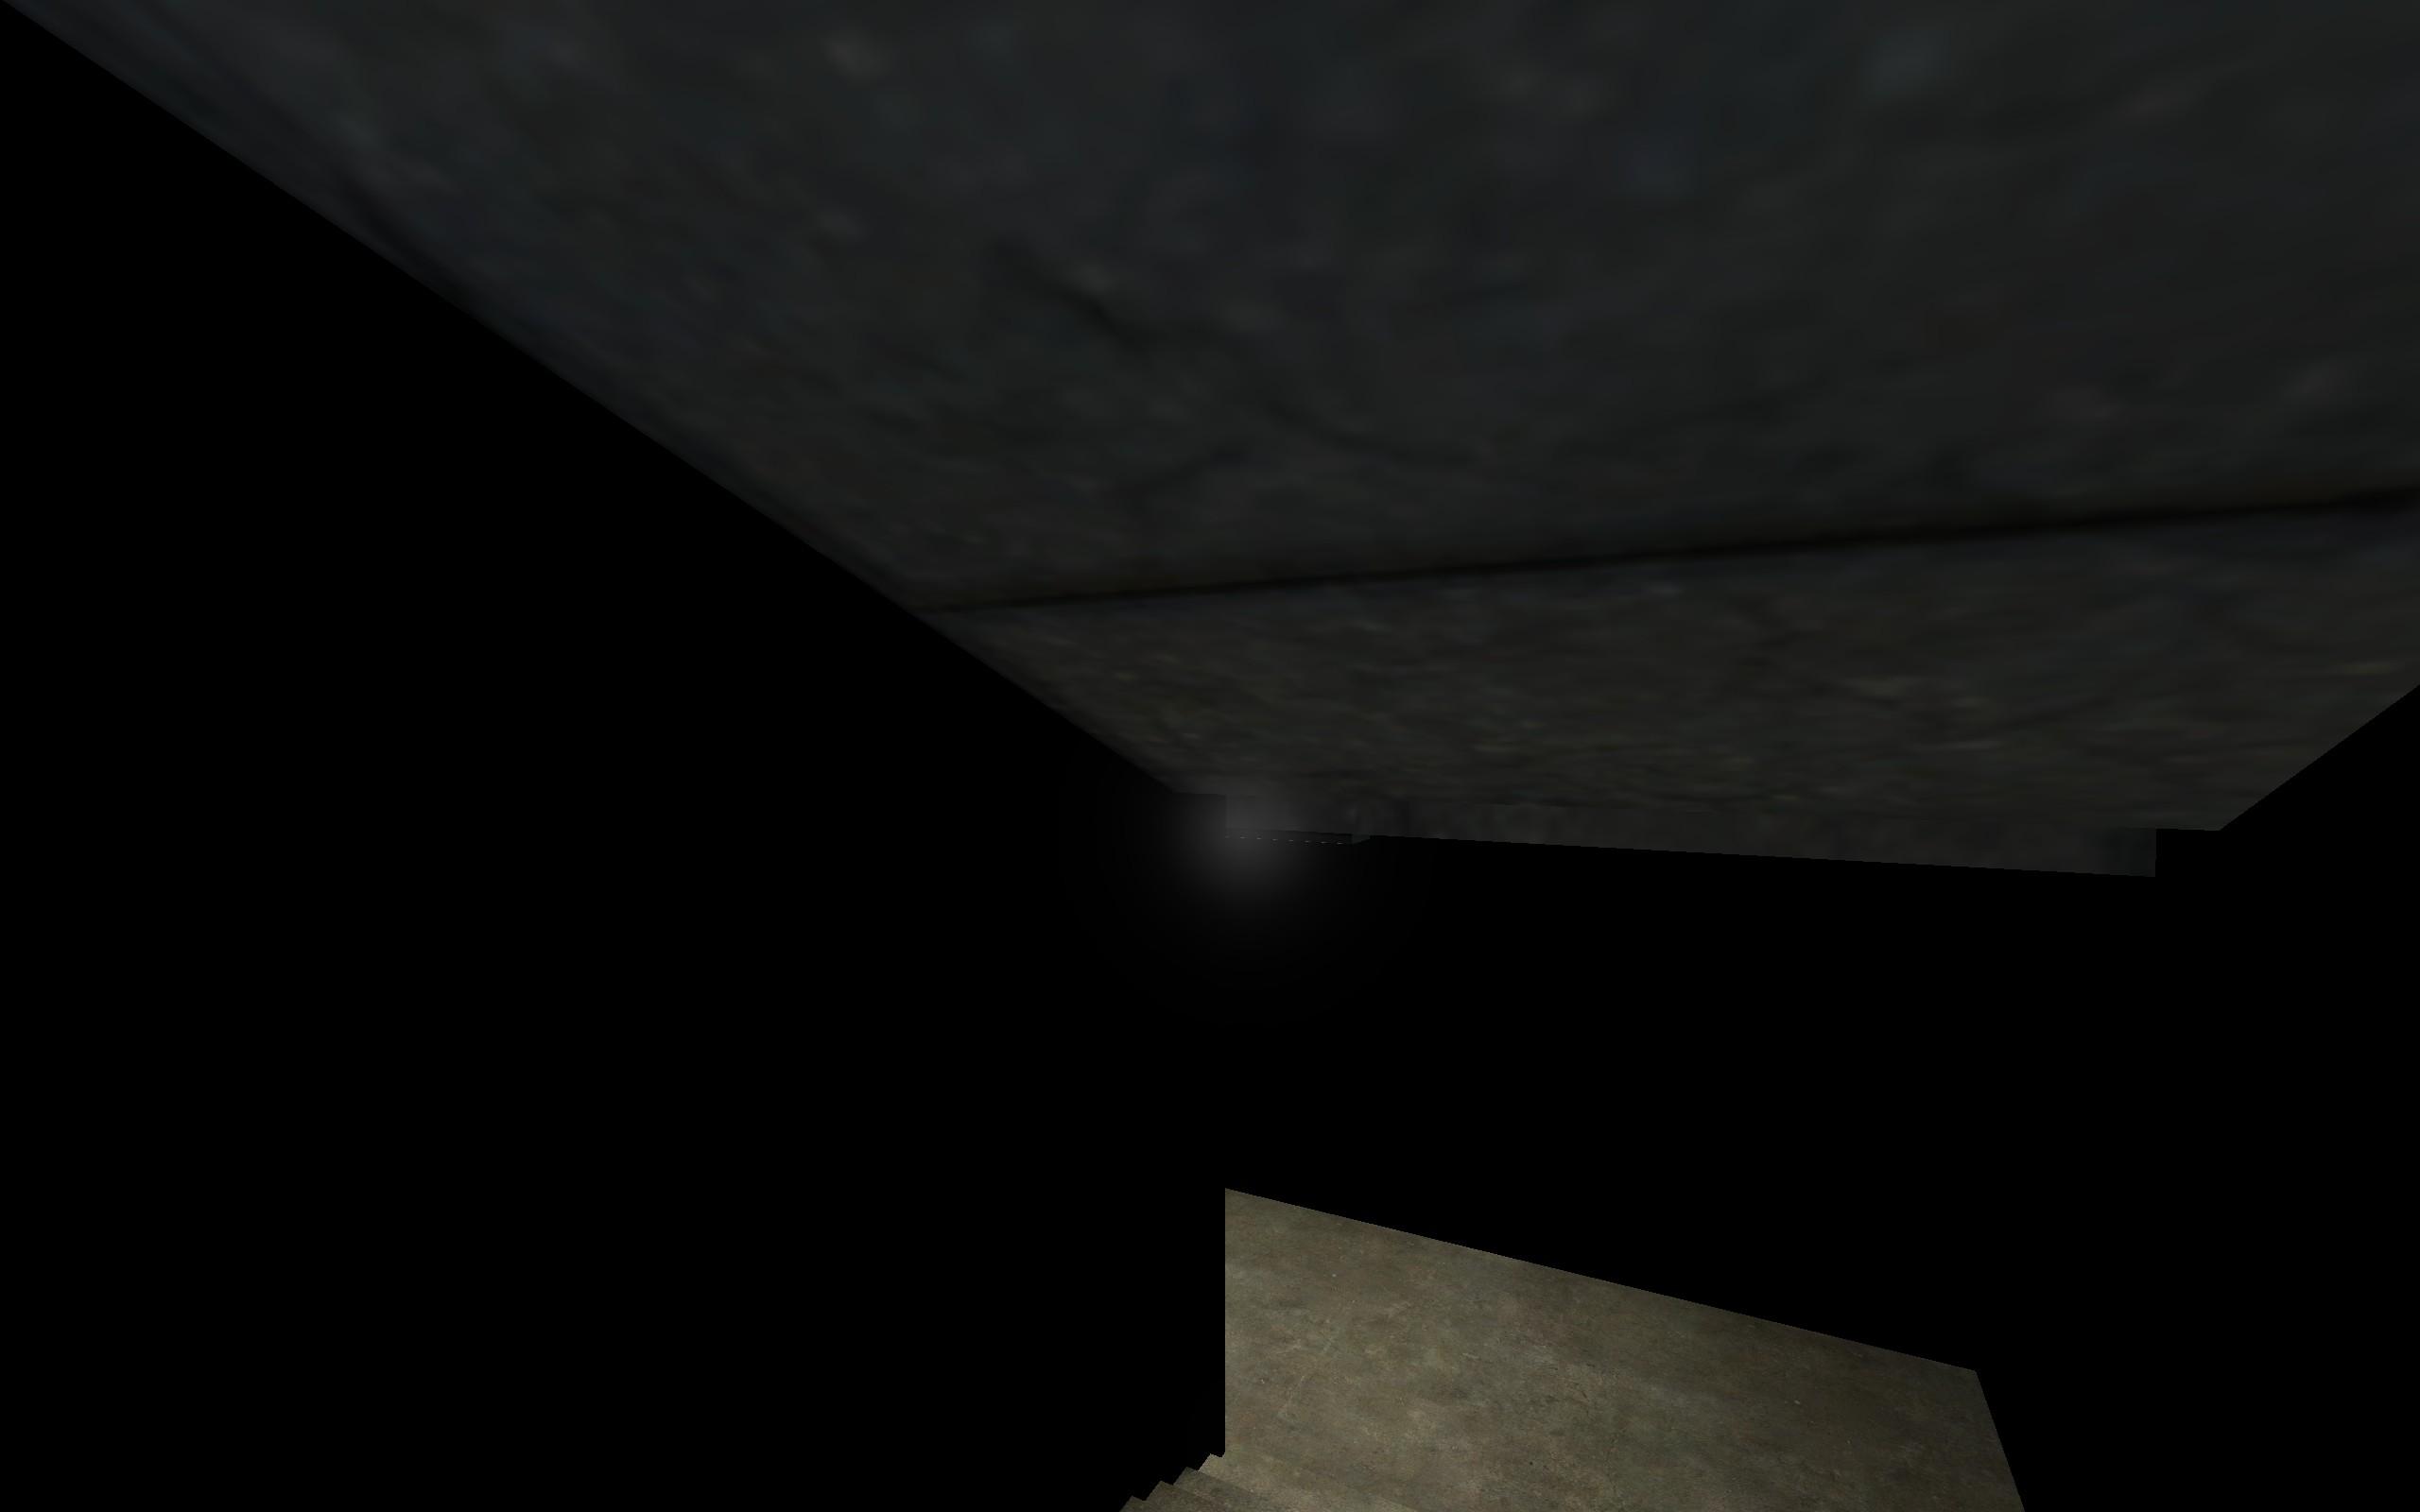 gm_construct_cdlp_remix20001.jpg